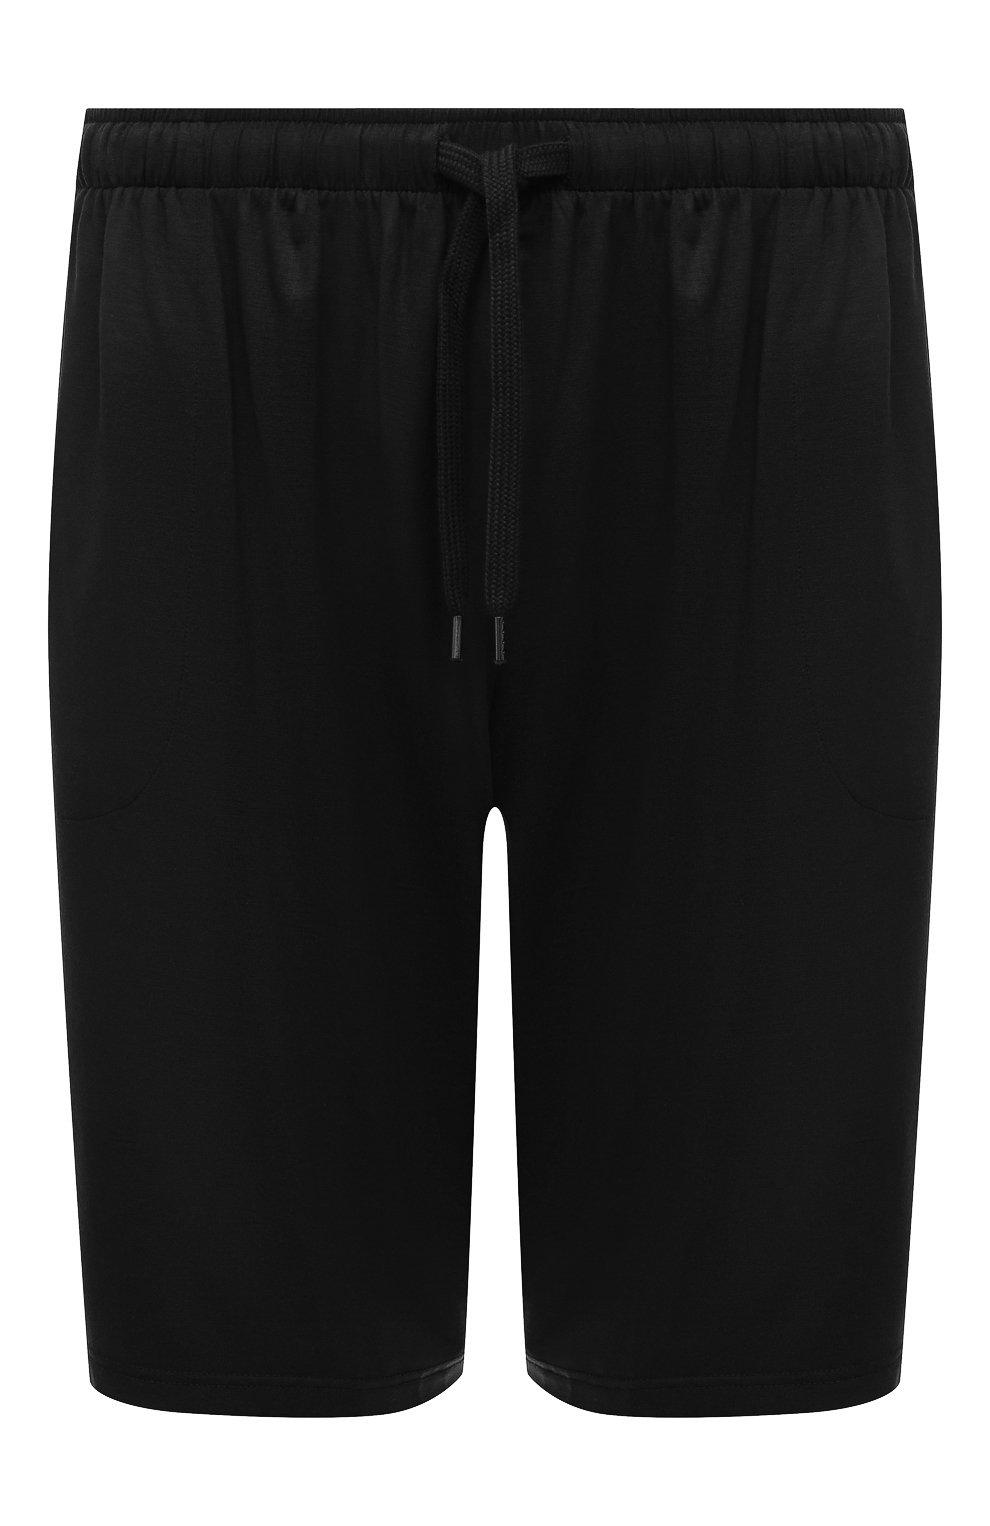 Мужские домашние шорты DEREK ROSE черного цвета, арт. 3559-BASE001 | Фото 1 (Кросс-КТ: домашняя одежда; Материал внешний: Синтетический материал; Статус проверки: Проверена категория)